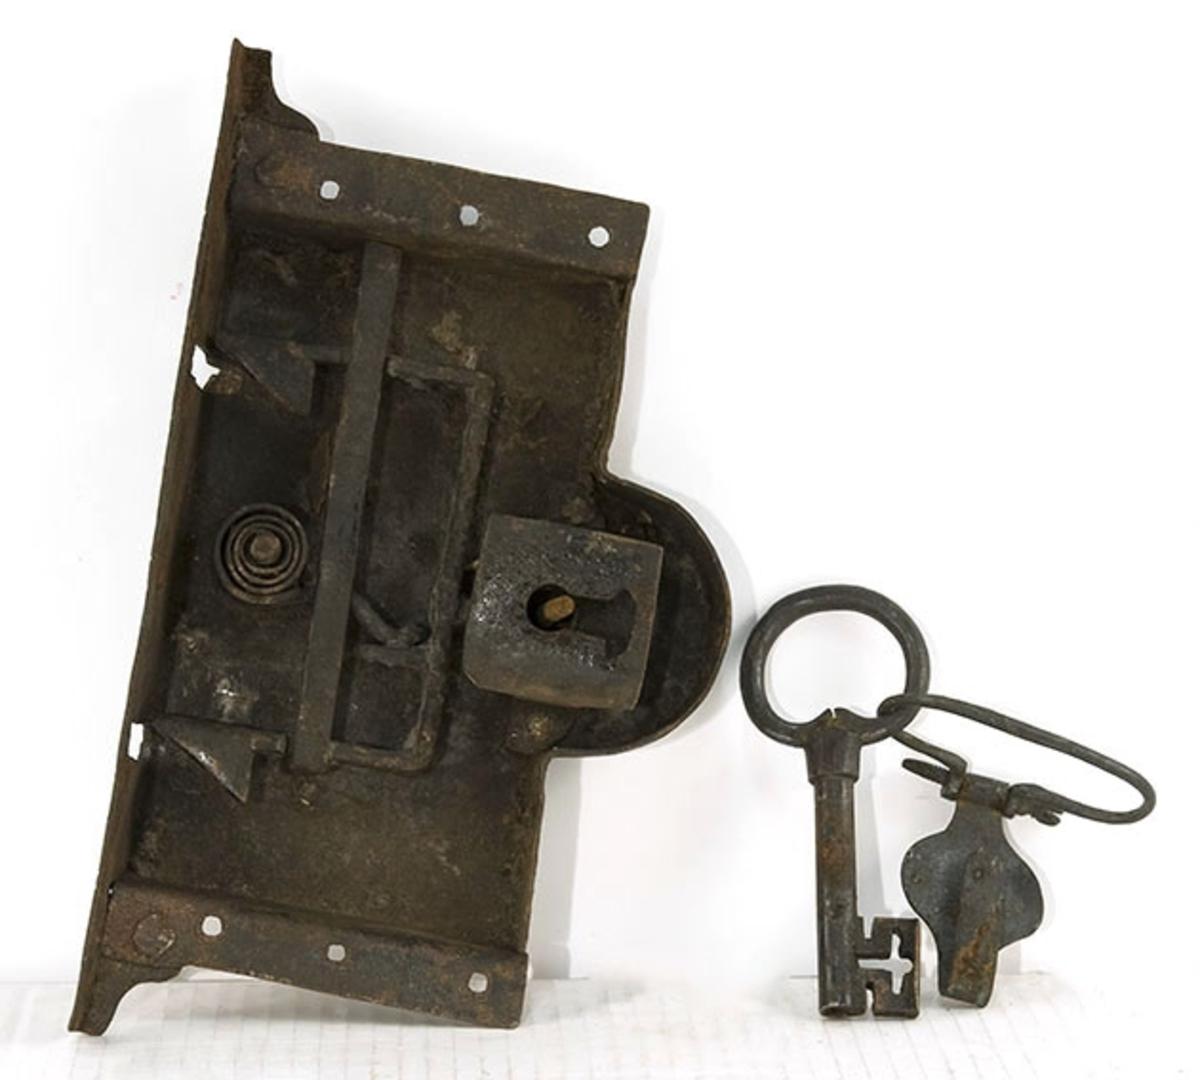 Lås med nøkkel. antagelig til kiste e.l.